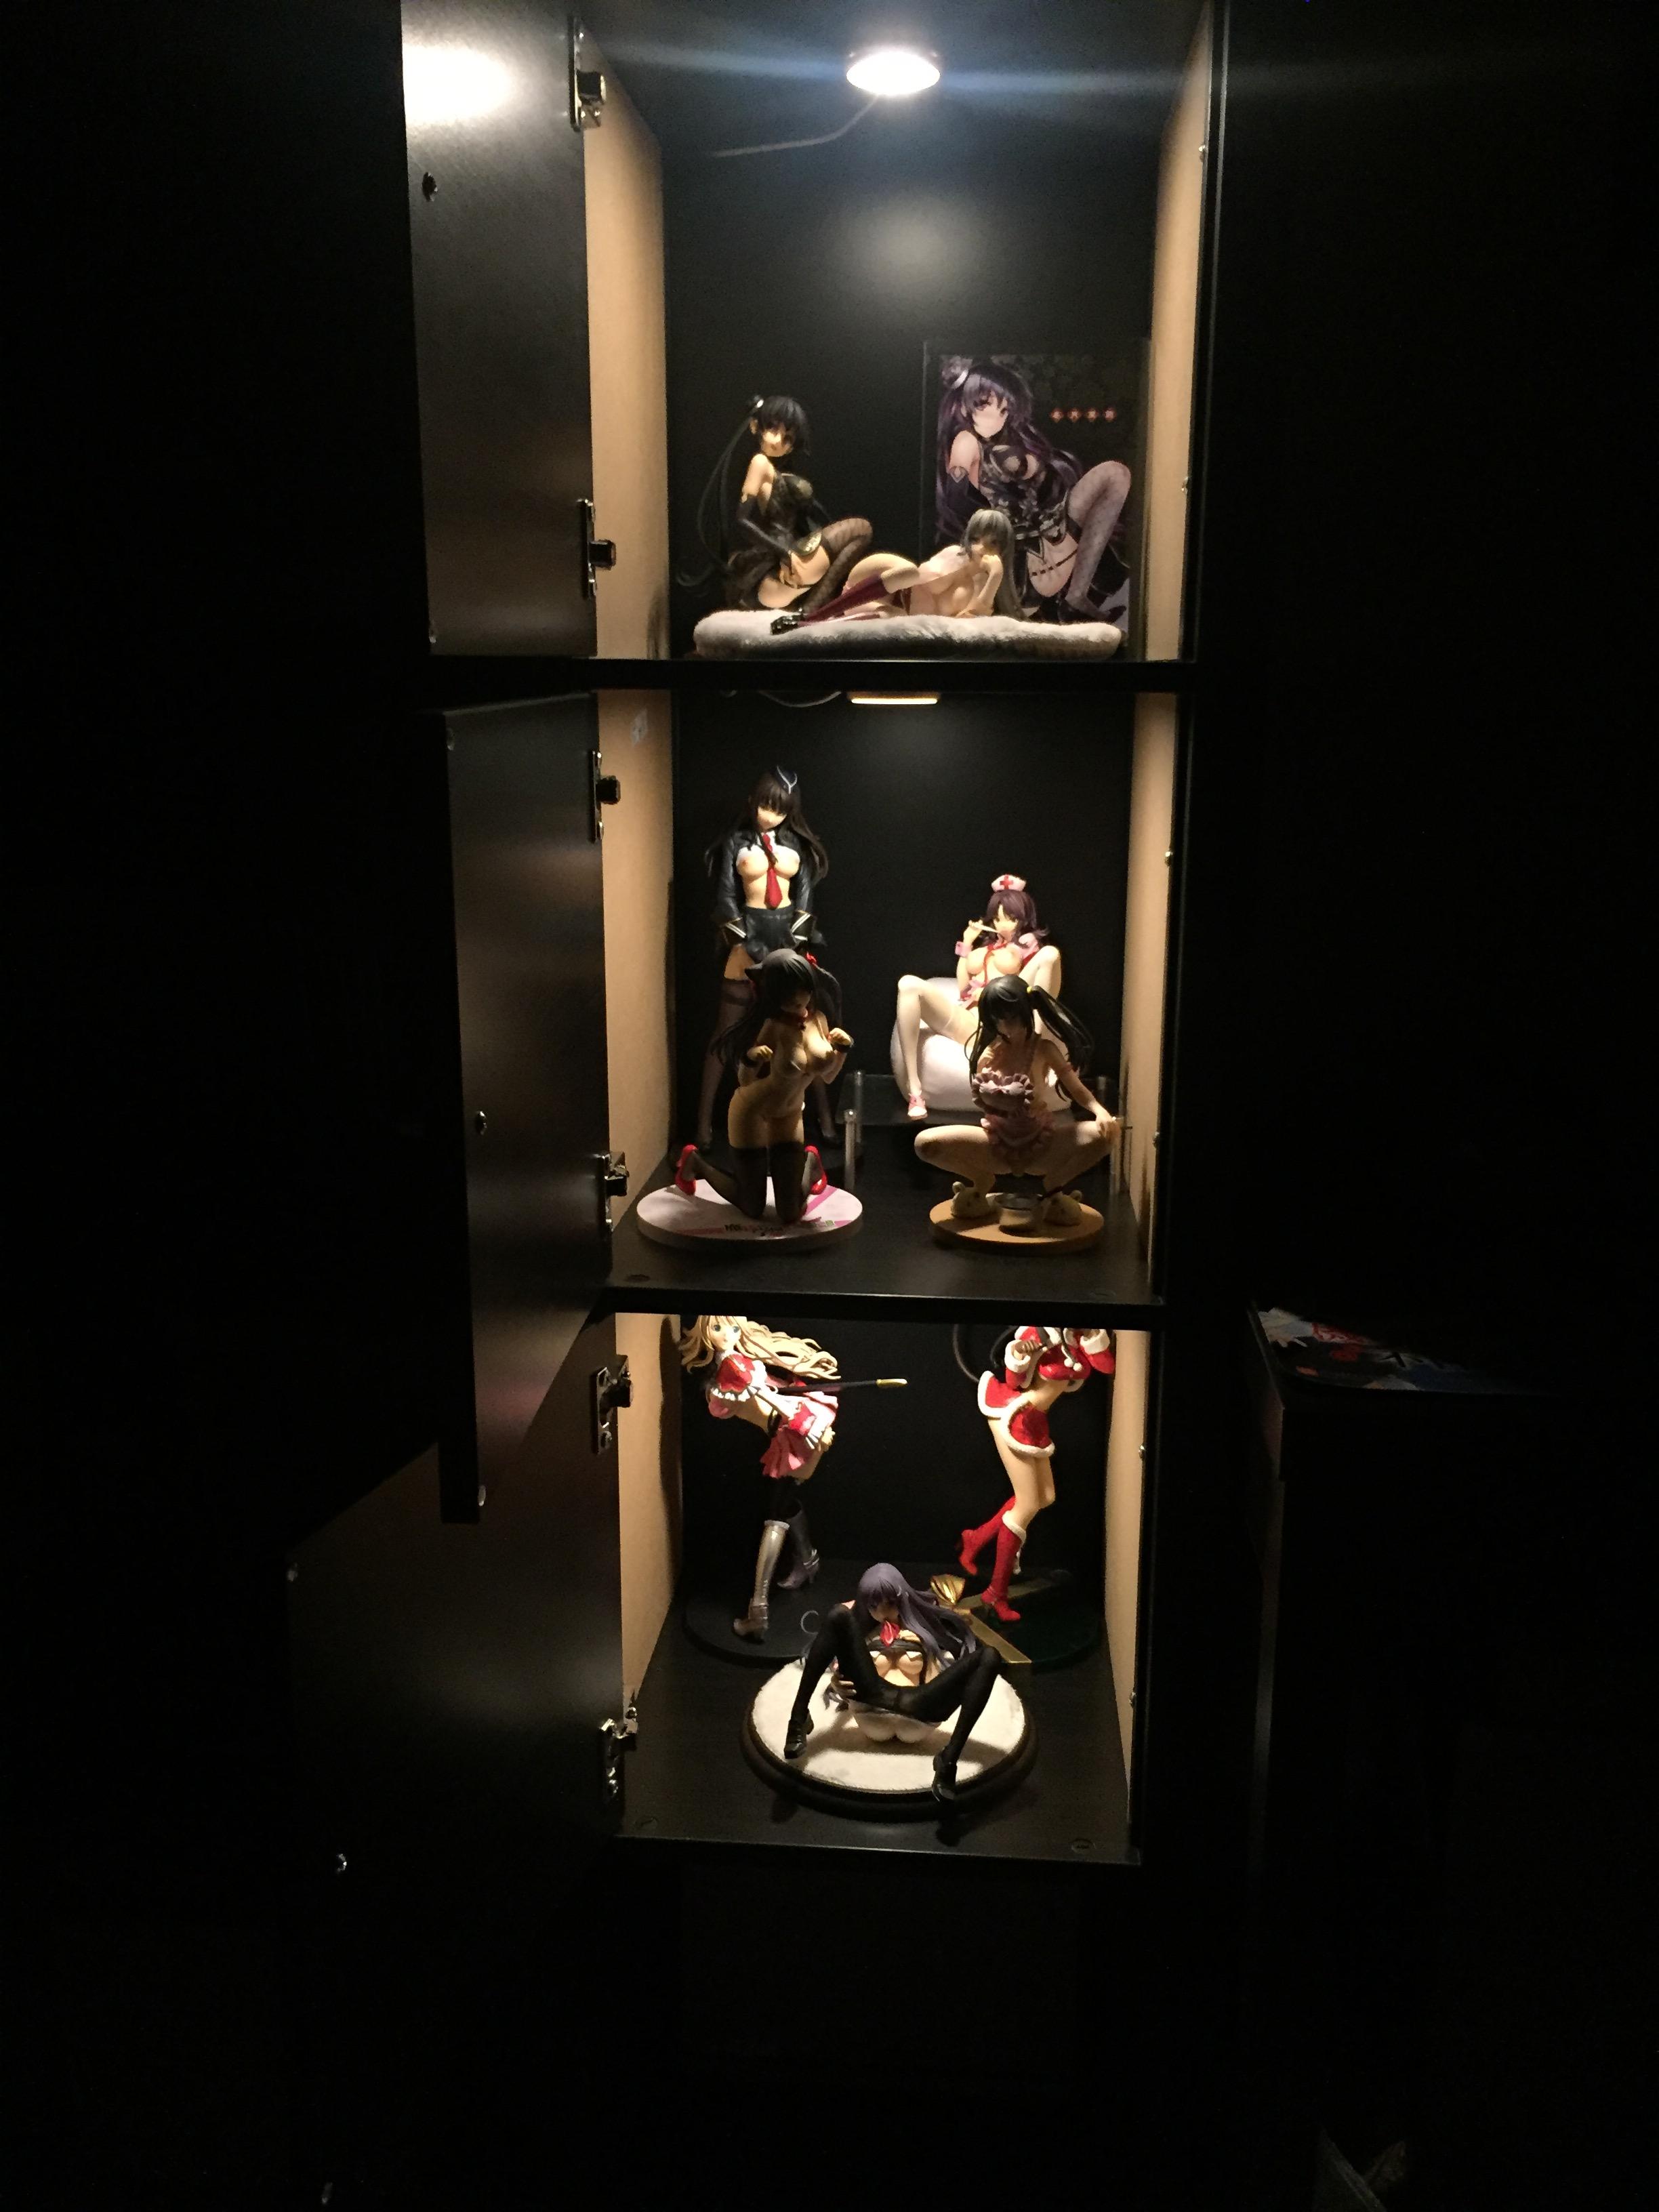 tony_taka egg ciel hiro native original_character misaki_kurehito hagii_shunji kawanishi_ken skytube 2% wani kizuki_aruchu dragon_toy saito_masatsugu hisasi kamiwazumi_maya alphamax hit_shuppansha recollect t2_art☆girls masou_gakuen_hxh himekawa_hayuru fault!!_s_~aratanaru_rival~ wonder_festival_2015_[winter] creator's_collection